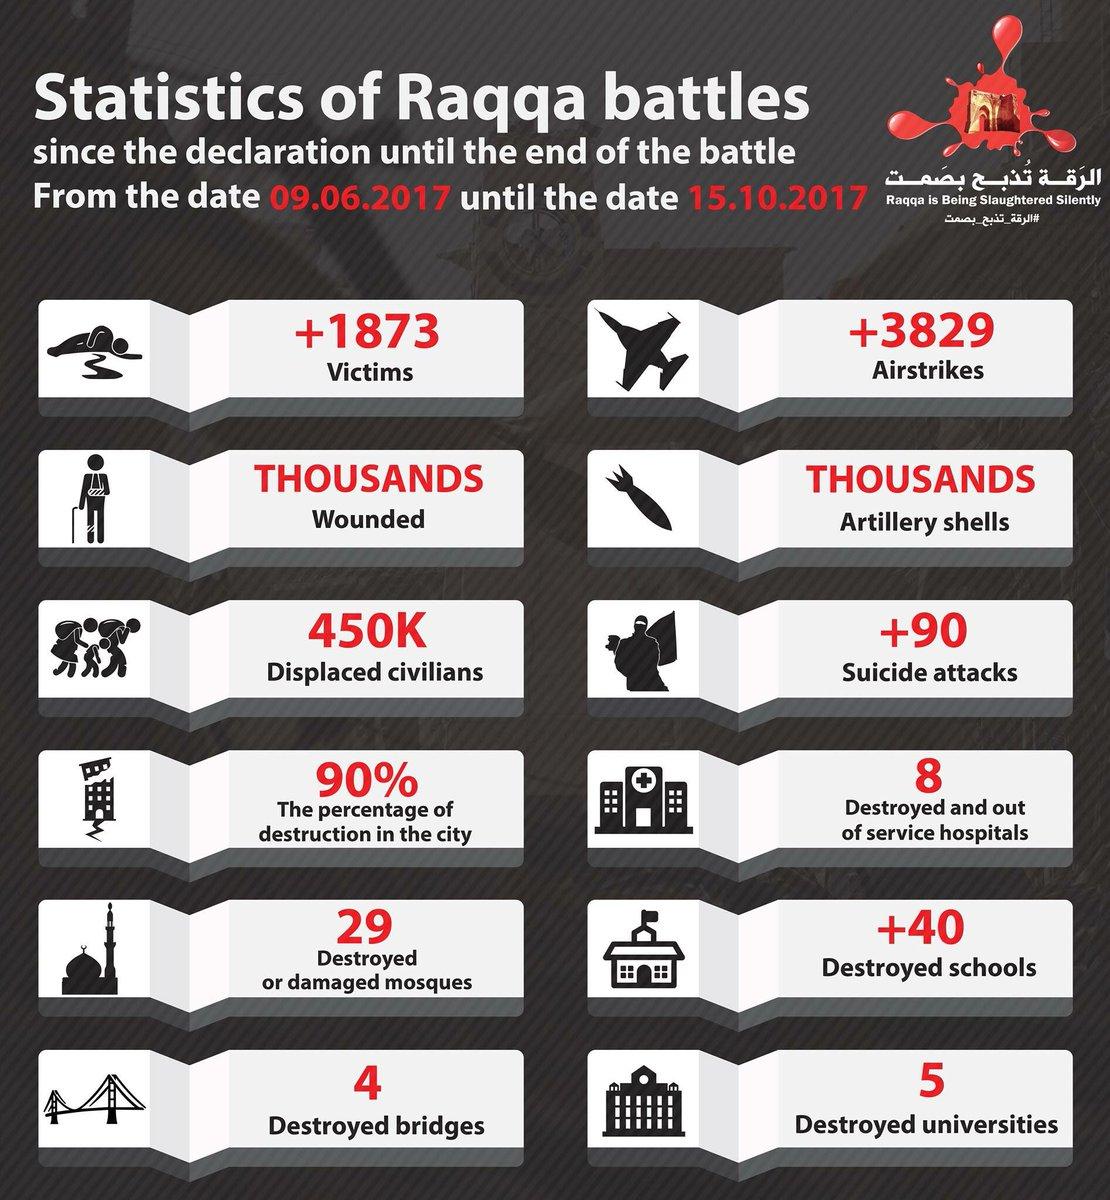 Numeri della battaglia di Raqqa, dalla dichiarazione di inizio del 9 giugno 2017 al 15 ottobre 2017. Credist to: Raqqa Is Being Slaughtered Silently.